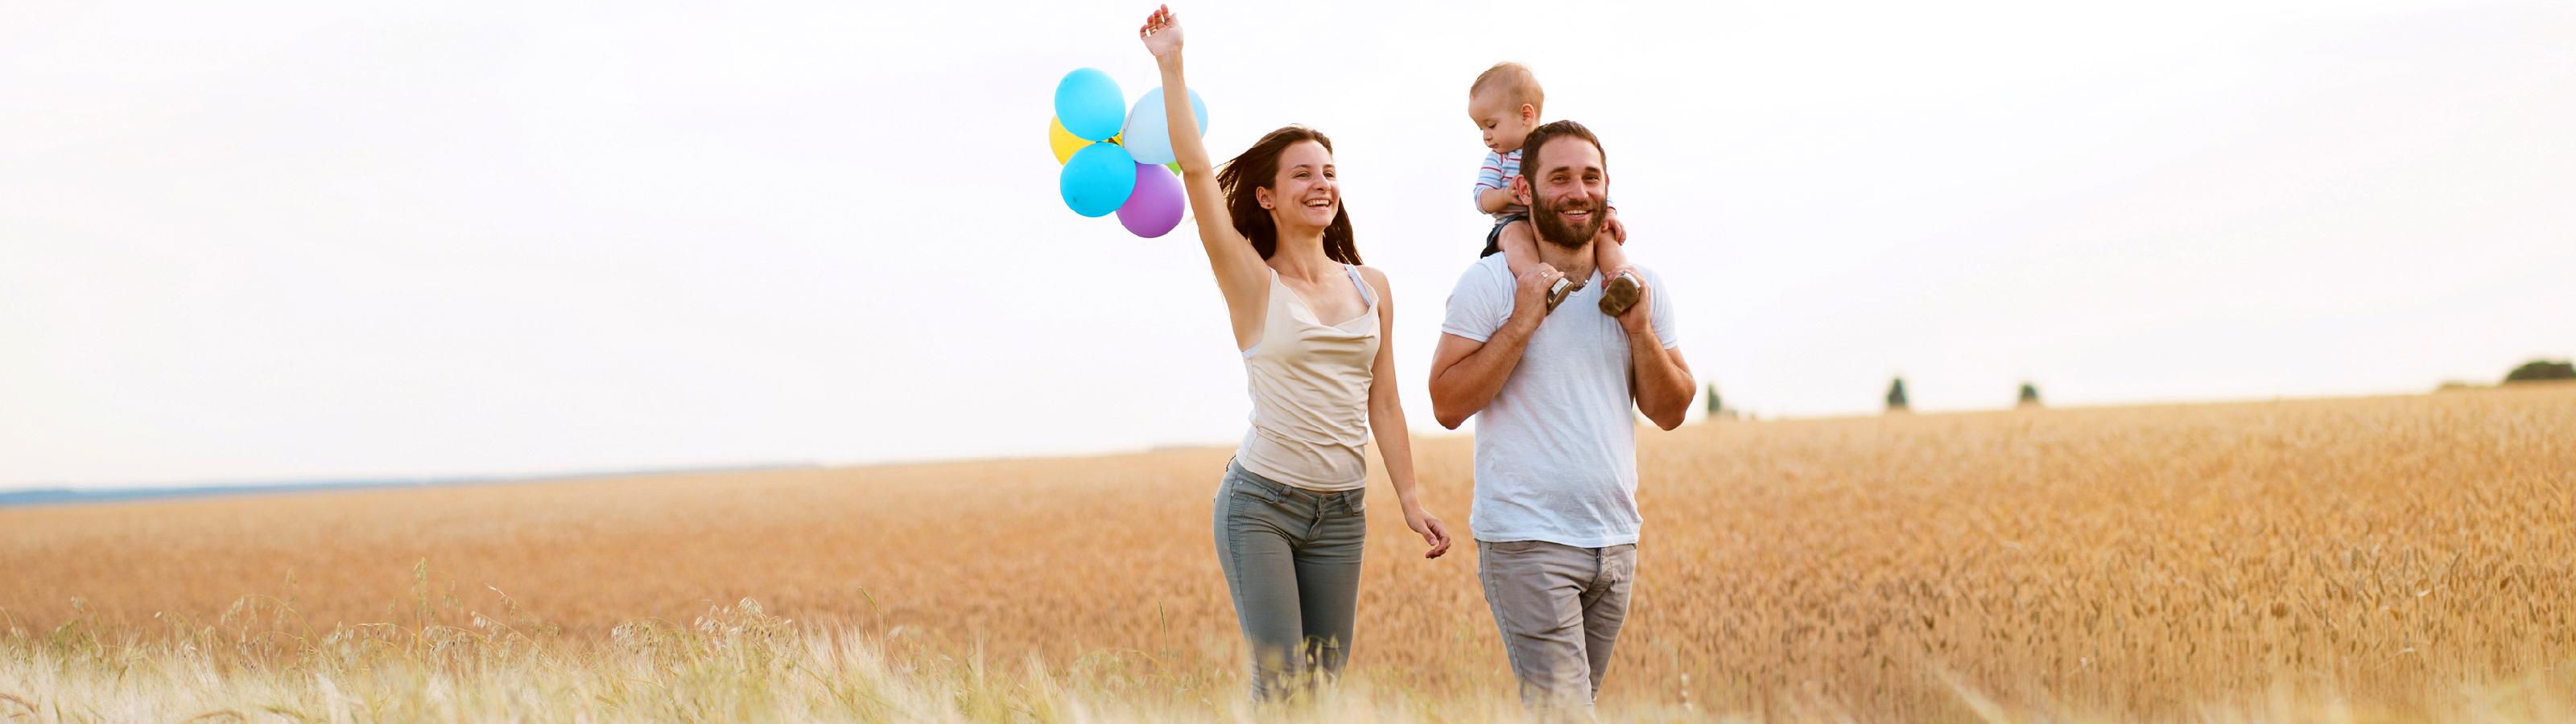 Seguro de Vida, por ser cliente del Banco BBVA Colombia, BBVA Seguros te ofrece el Seguro Familia Vital con coberturas y asistencias para toda tu familia.